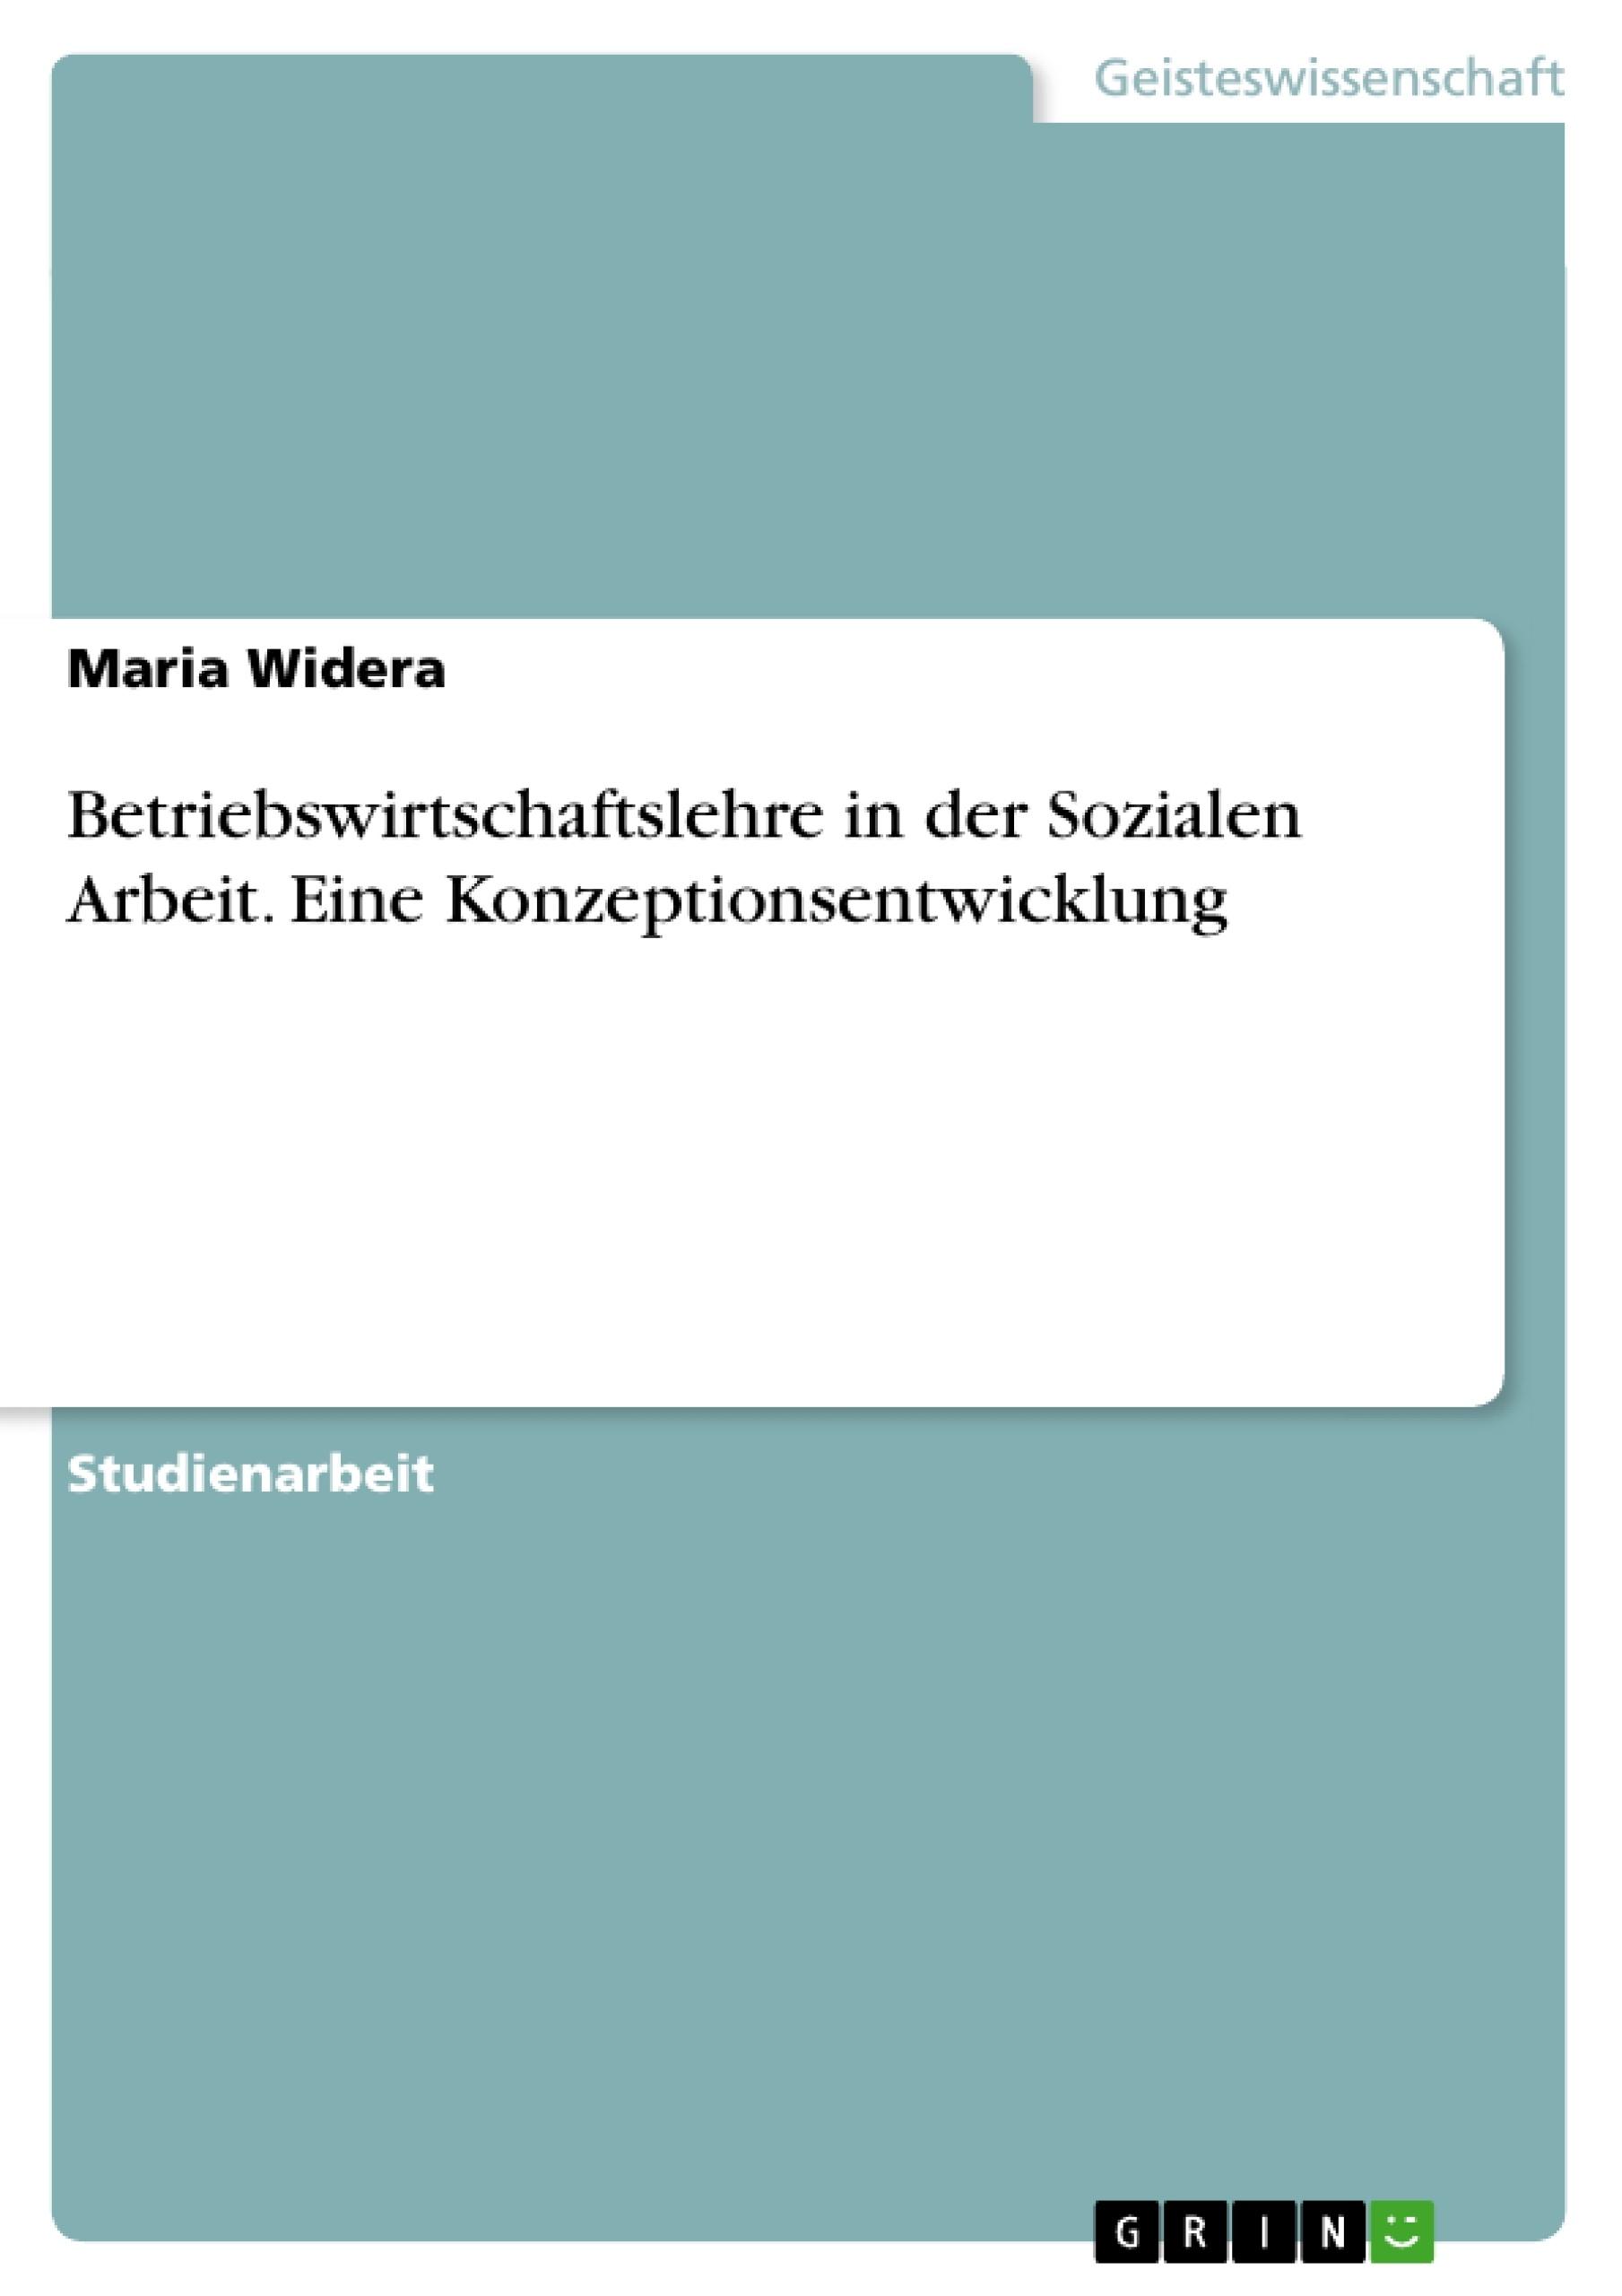 Titel: Betriebswirtschaftslehre in der Sozialen Arbeit. Eine Konzeptionsentwicklung